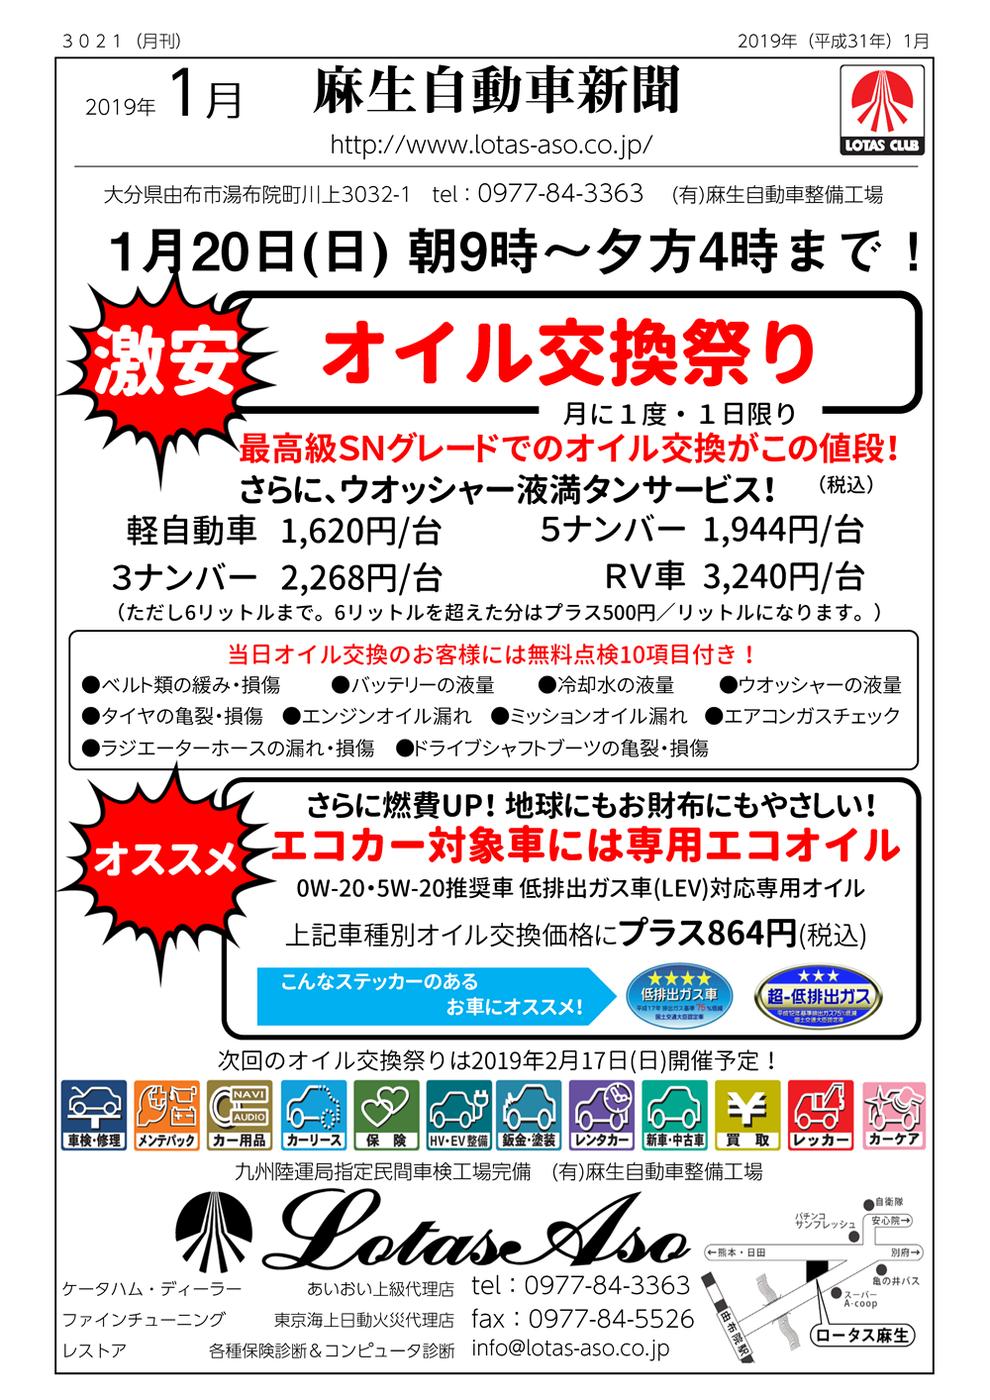 ロータス麻生のオイル交換祭り!2019年1月20日(日)開催